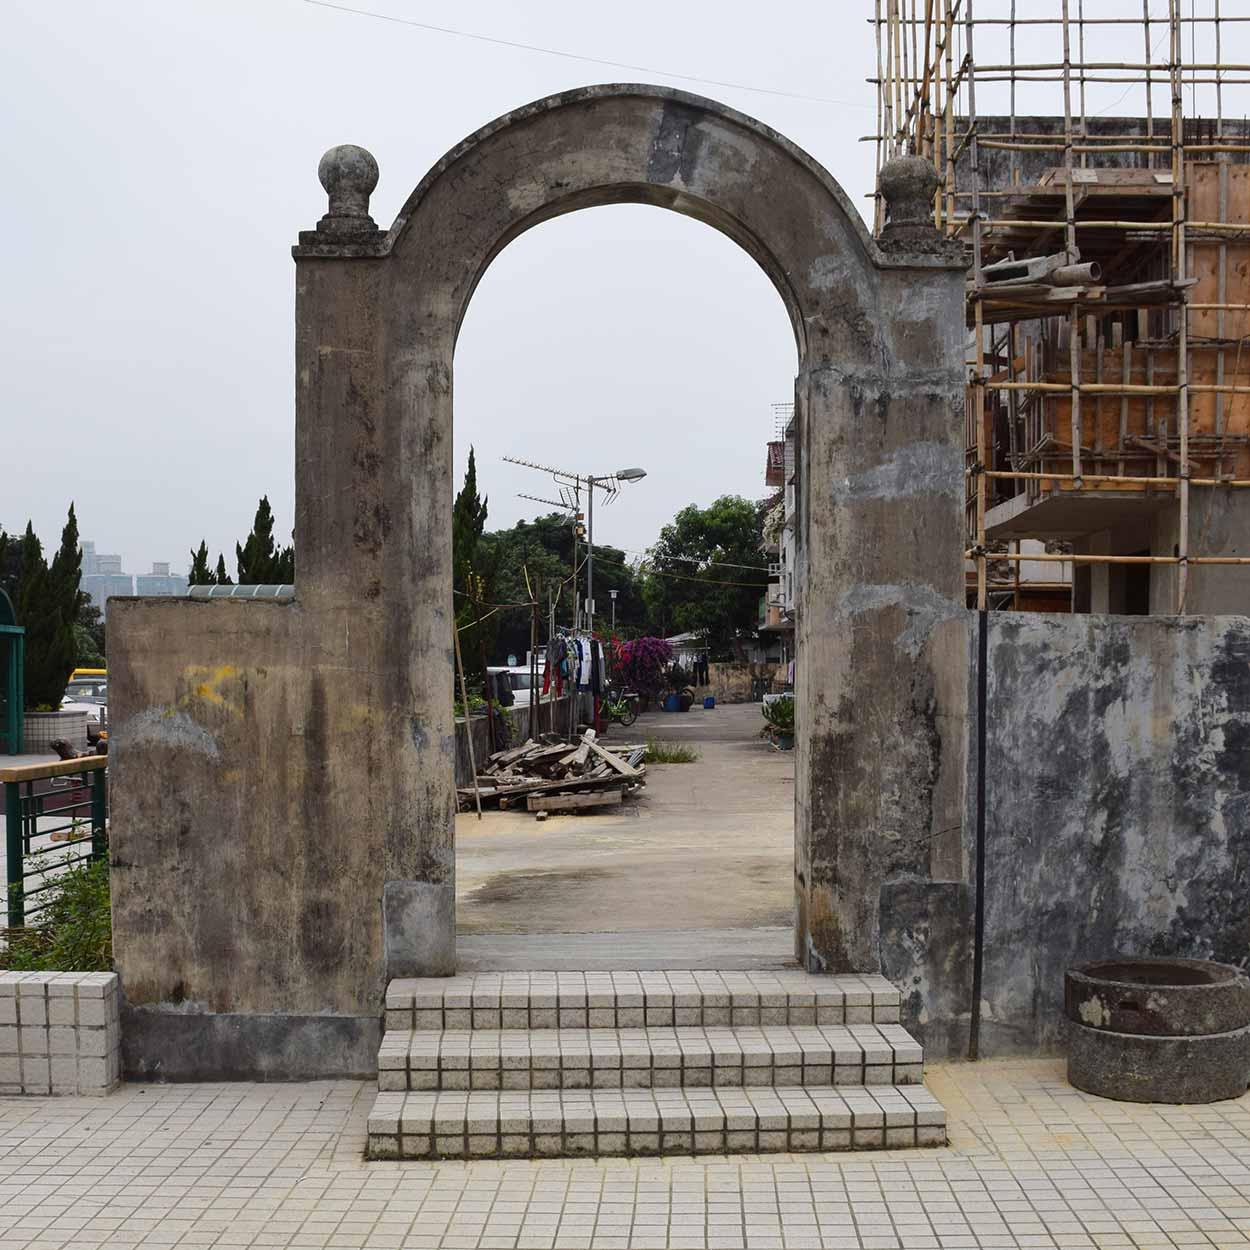 The archway at Siu Hang Tsuen, Lung Yeuk Tau Heritage Trail, Hong Kong, China